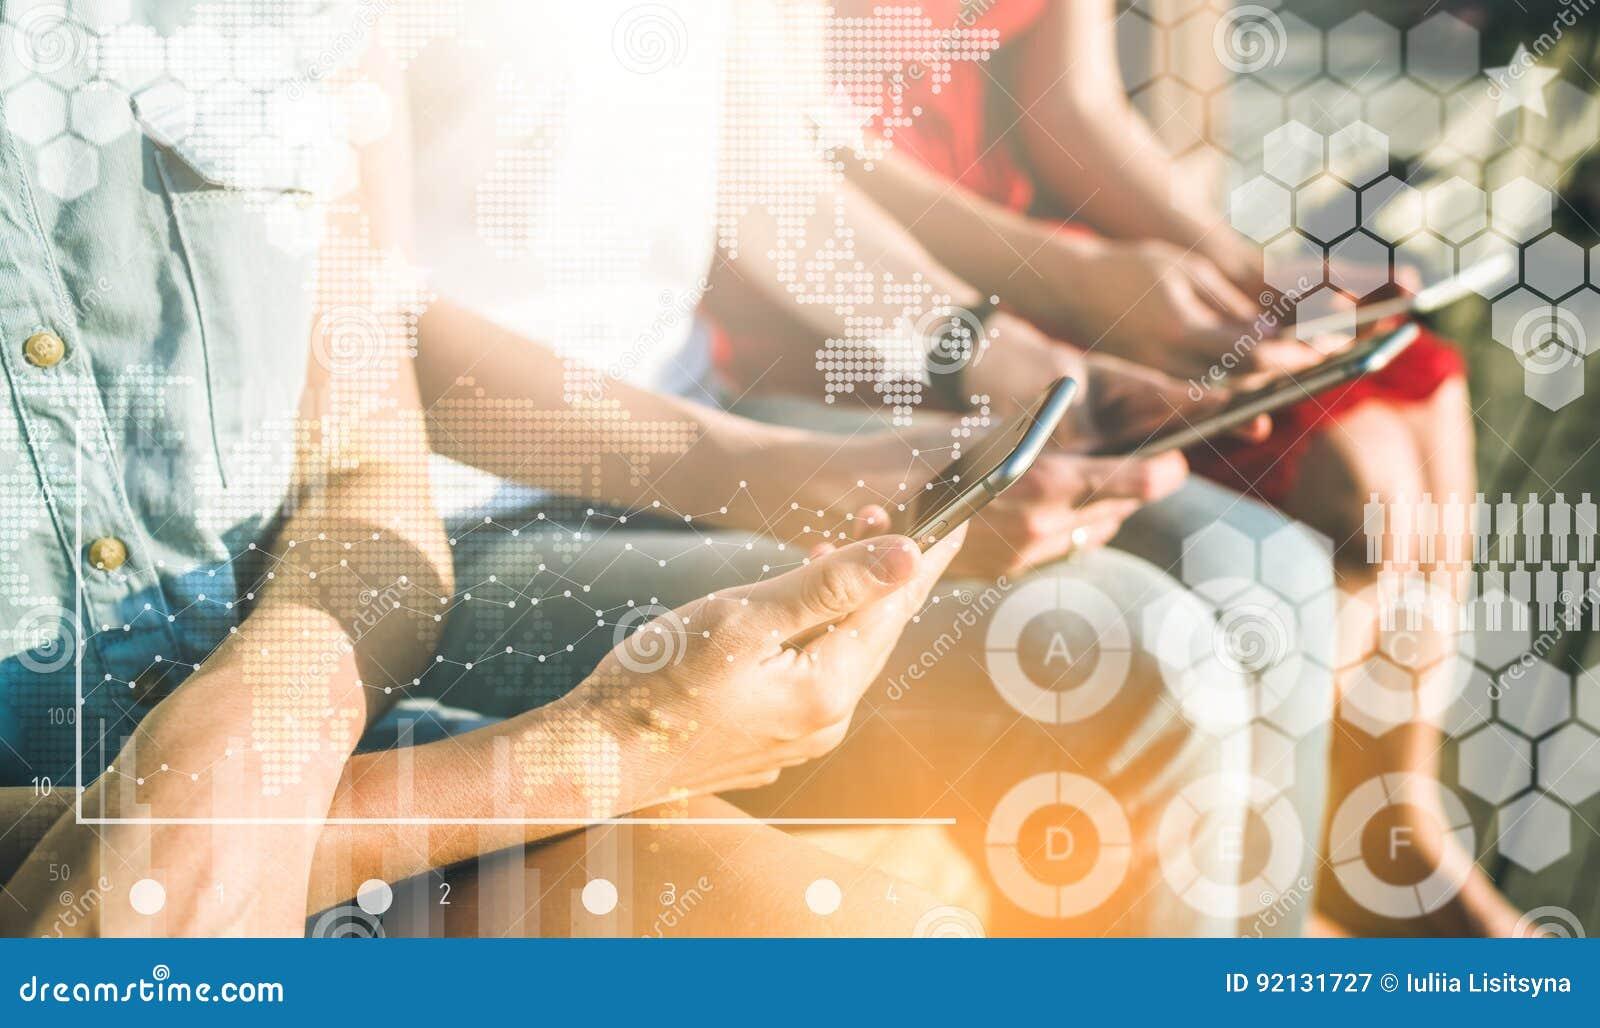 Närbild av smartphones i kvinnliga händer Grupp av kvinnor som sitter och använder mobiltelefoner